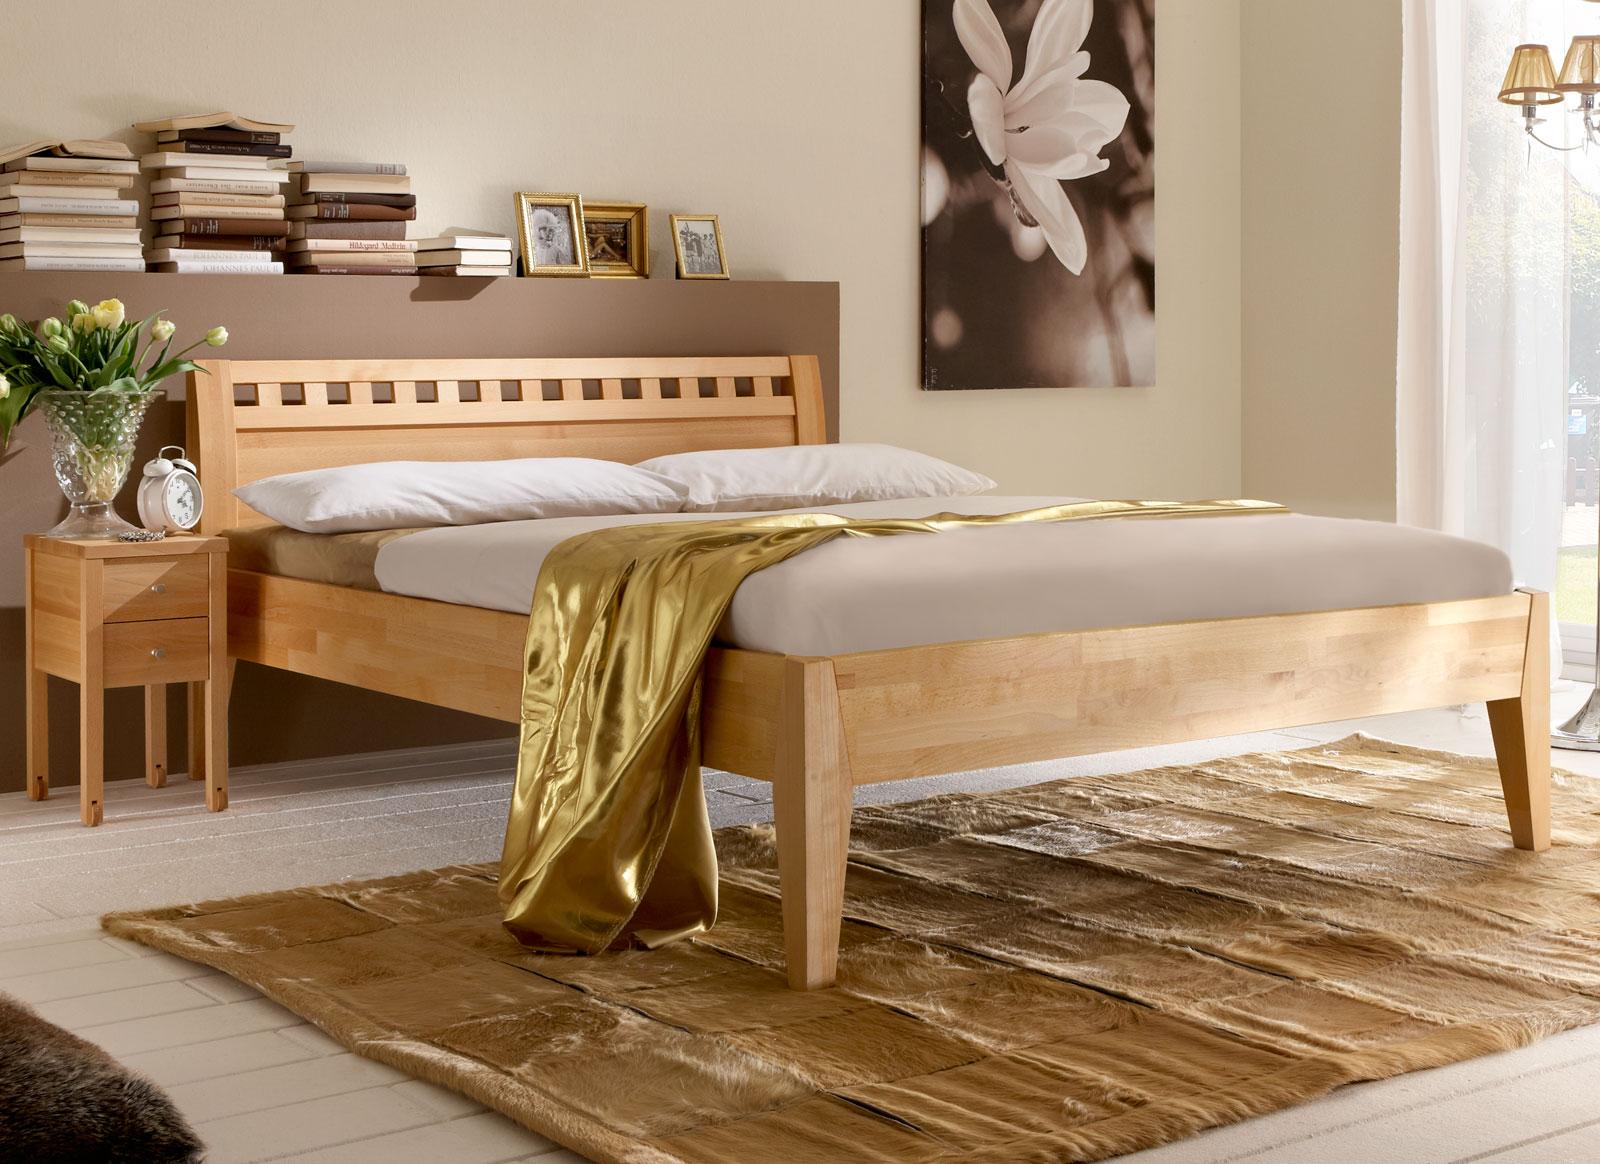 Inspirierend Bett Akazie Sammlung Von Bett Idee